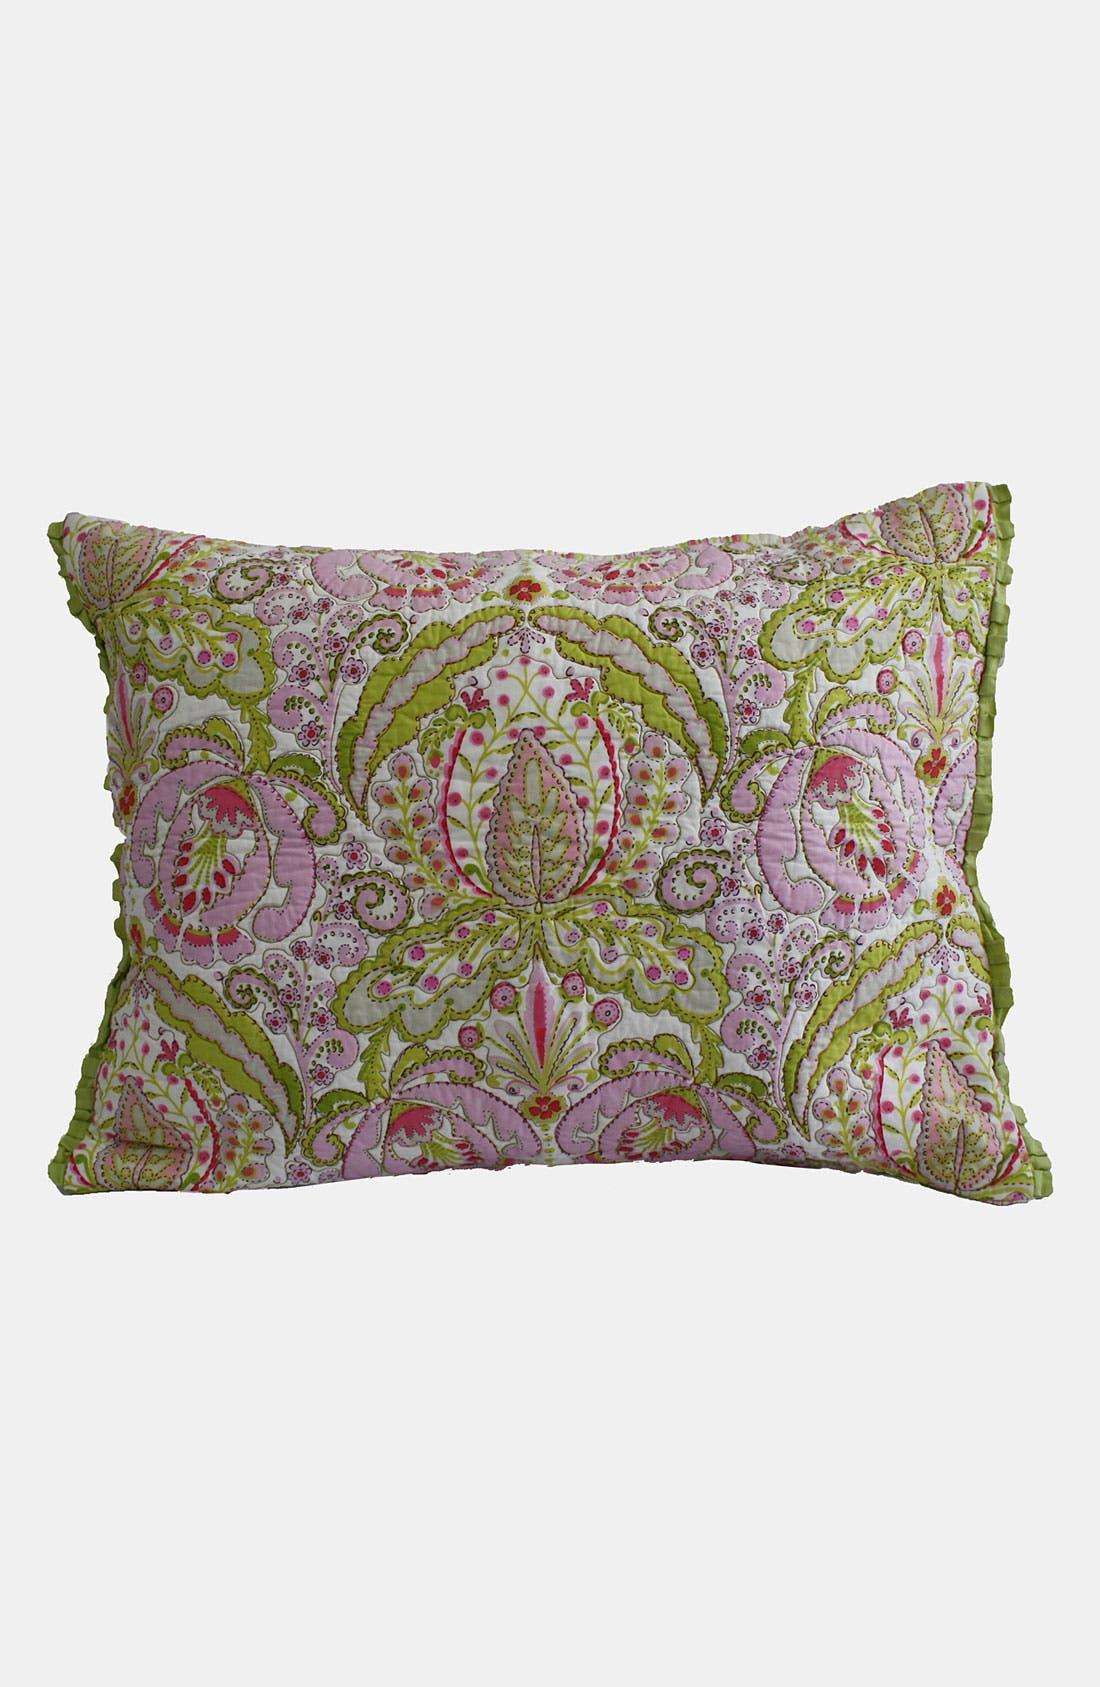 Alternate Image 1 Selected - Dena Home 'Moroccan Garden' Pillow Sham